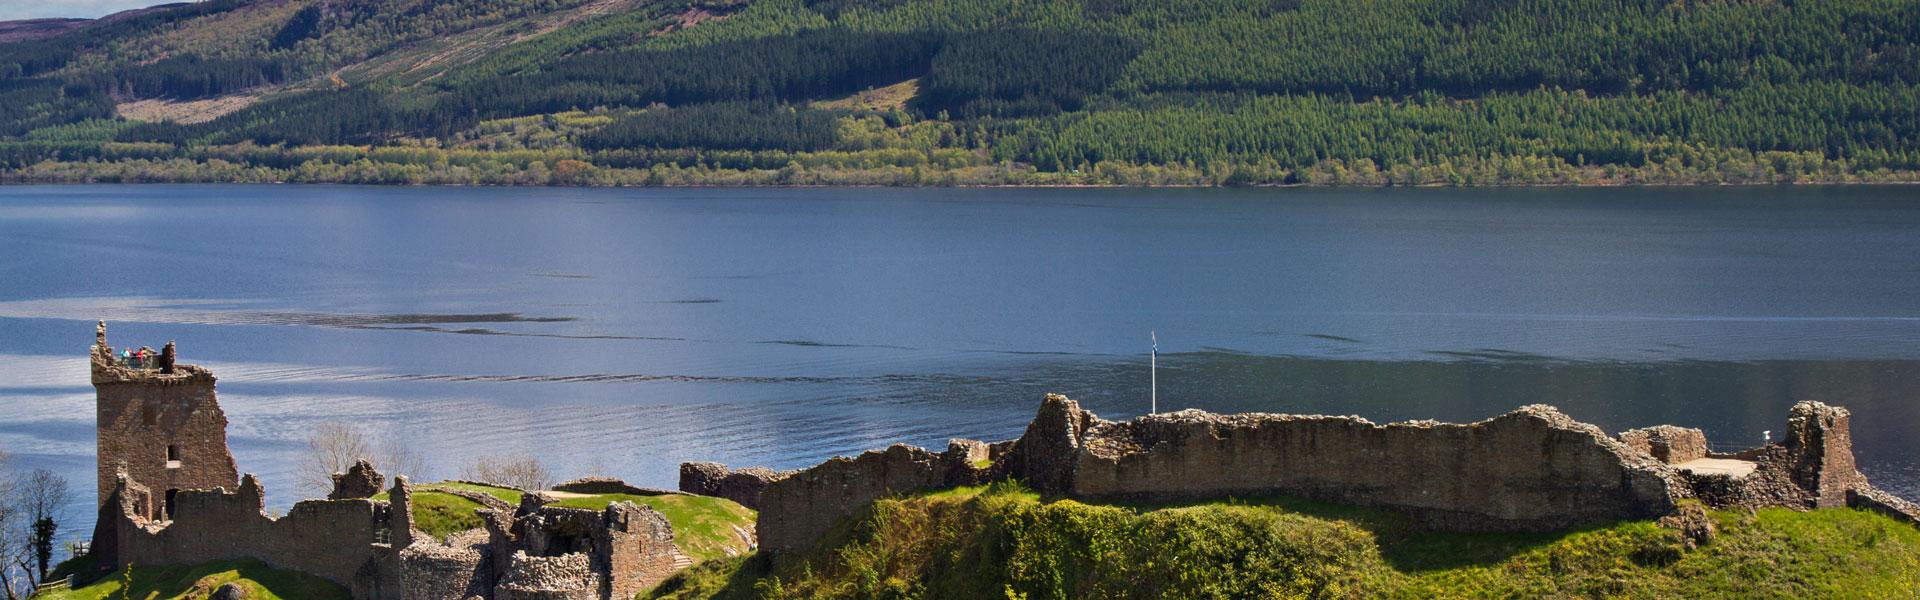 Eine Betriebsreise nach Schottland führt Sie zum Loch Ness und der Urquhart Castle bei Drumnadrochit